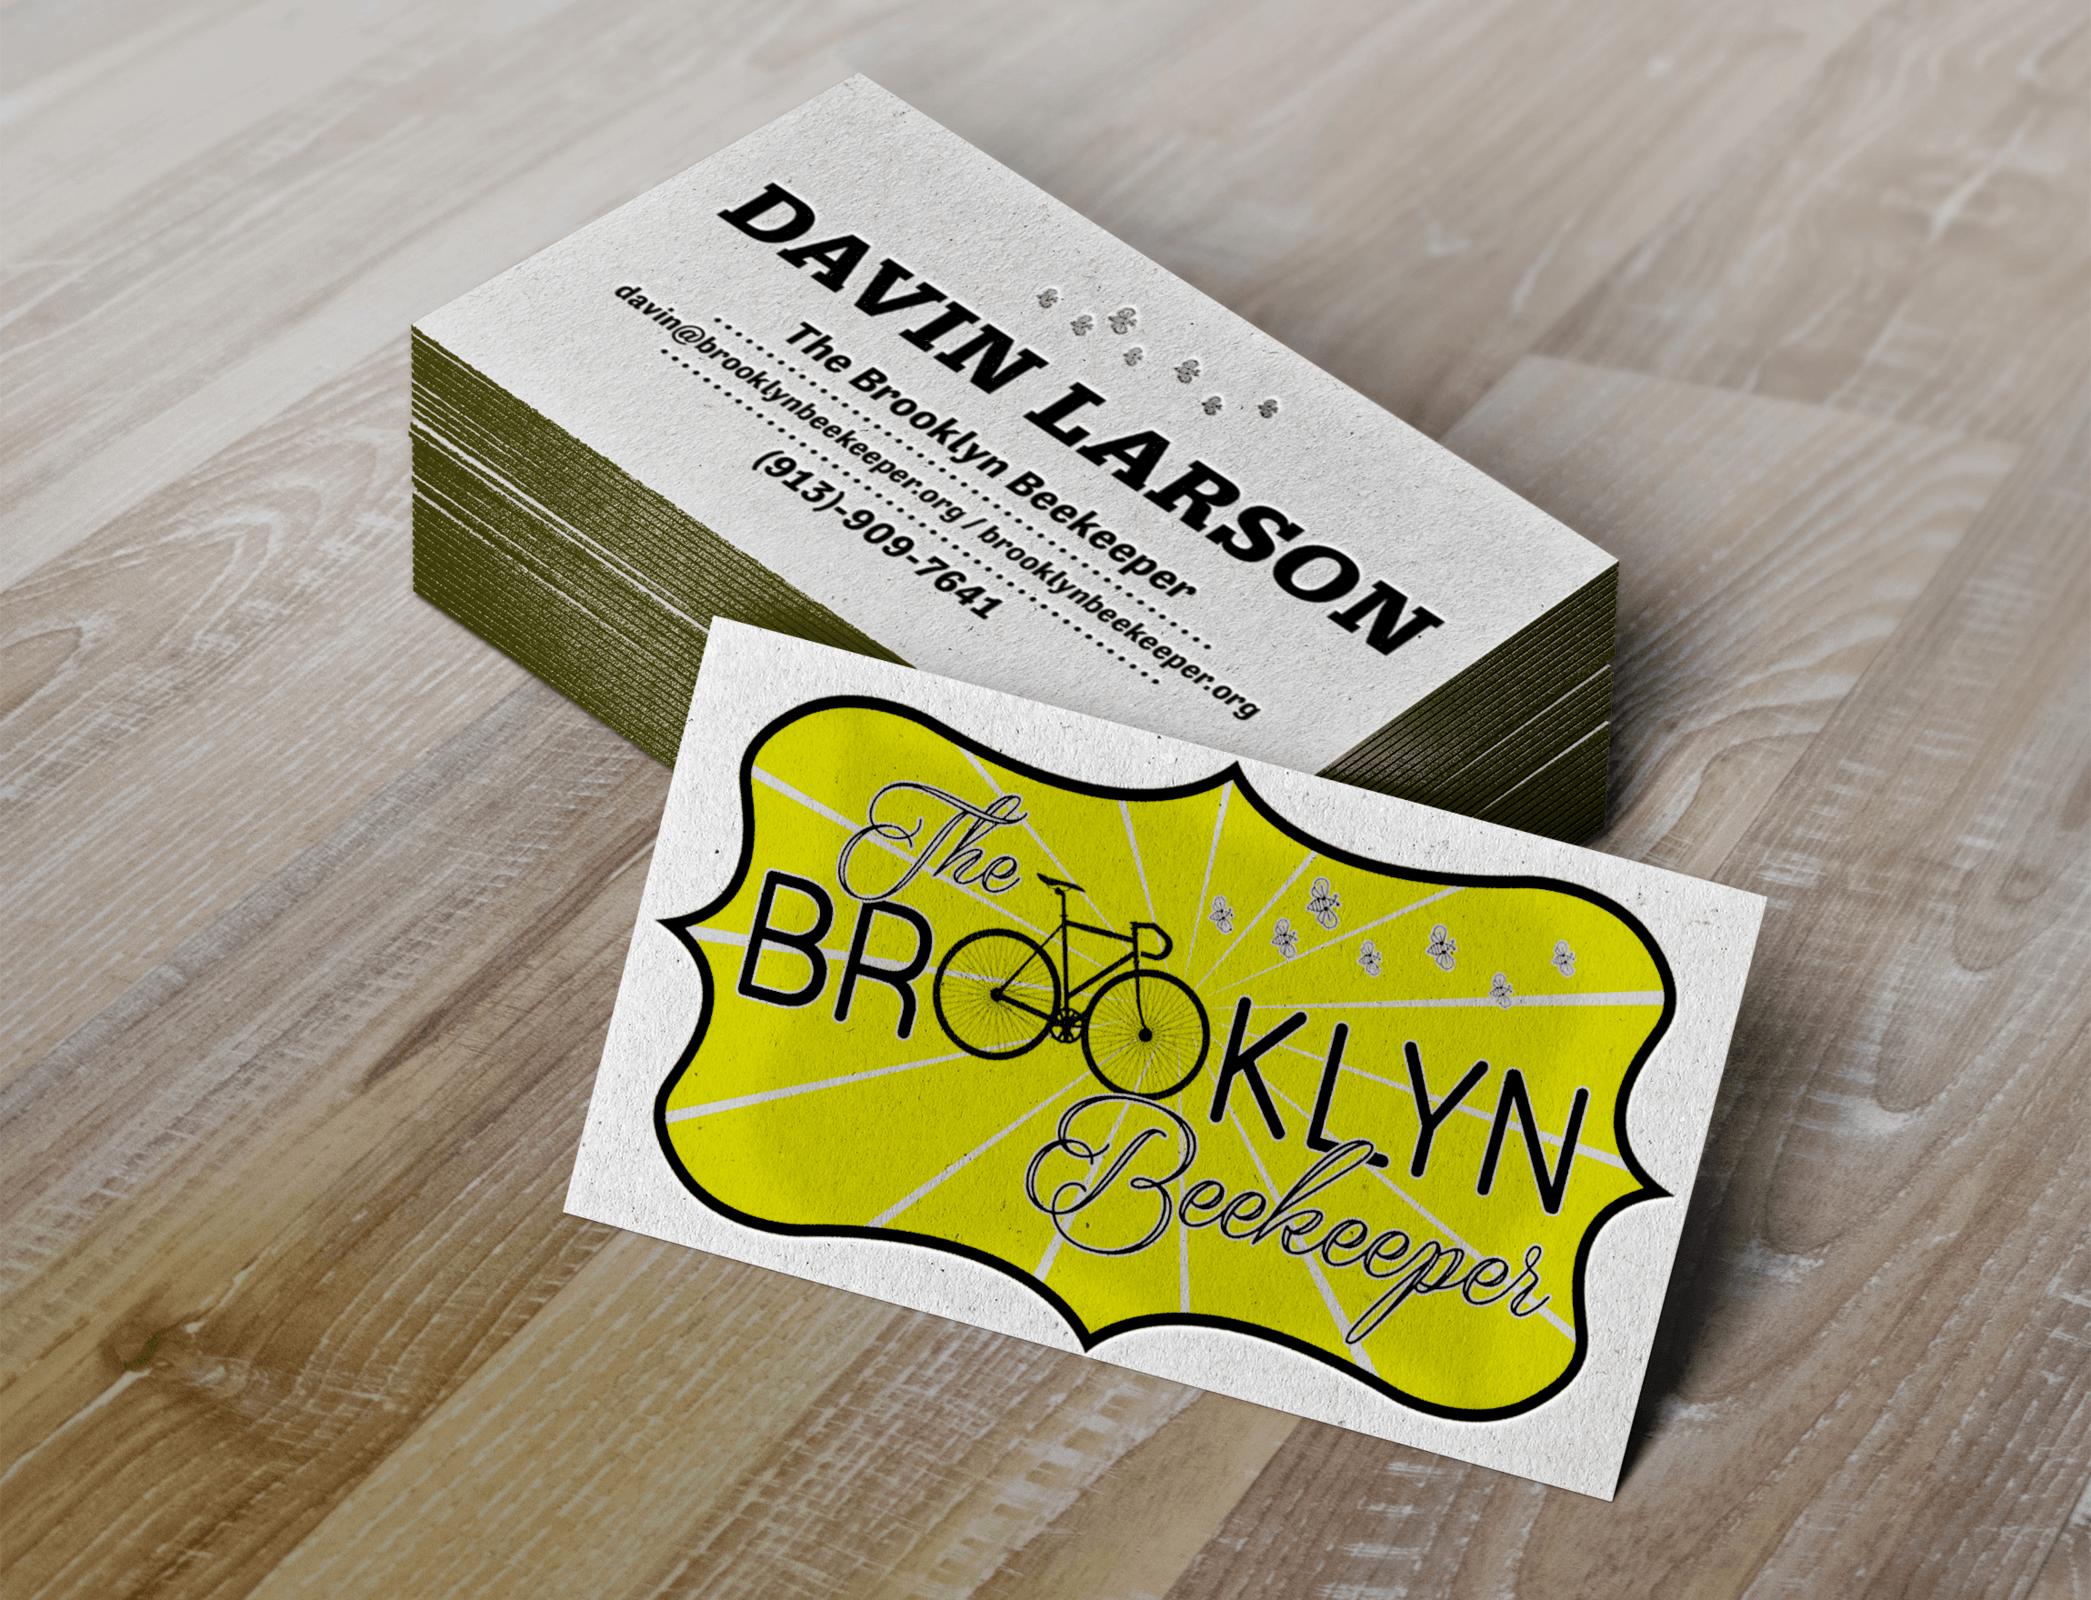 Brooklyn_Beekeeper_Business_Cards